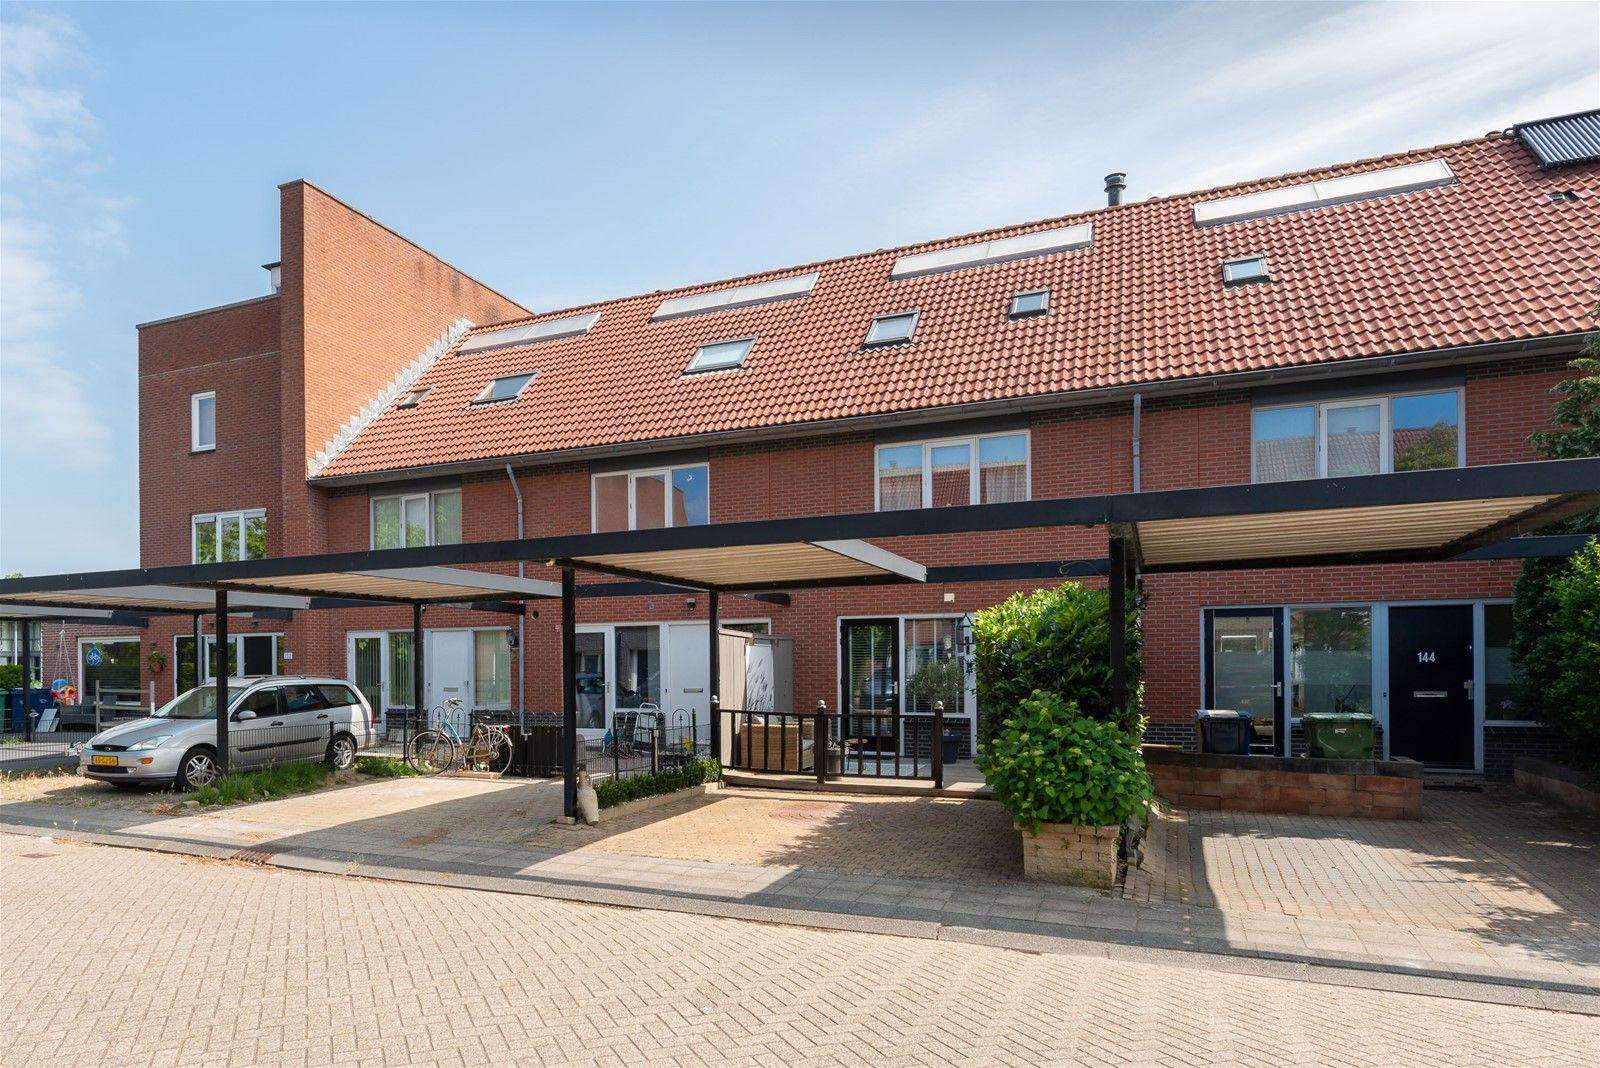 Willem Bontekoestraat 146, Almere